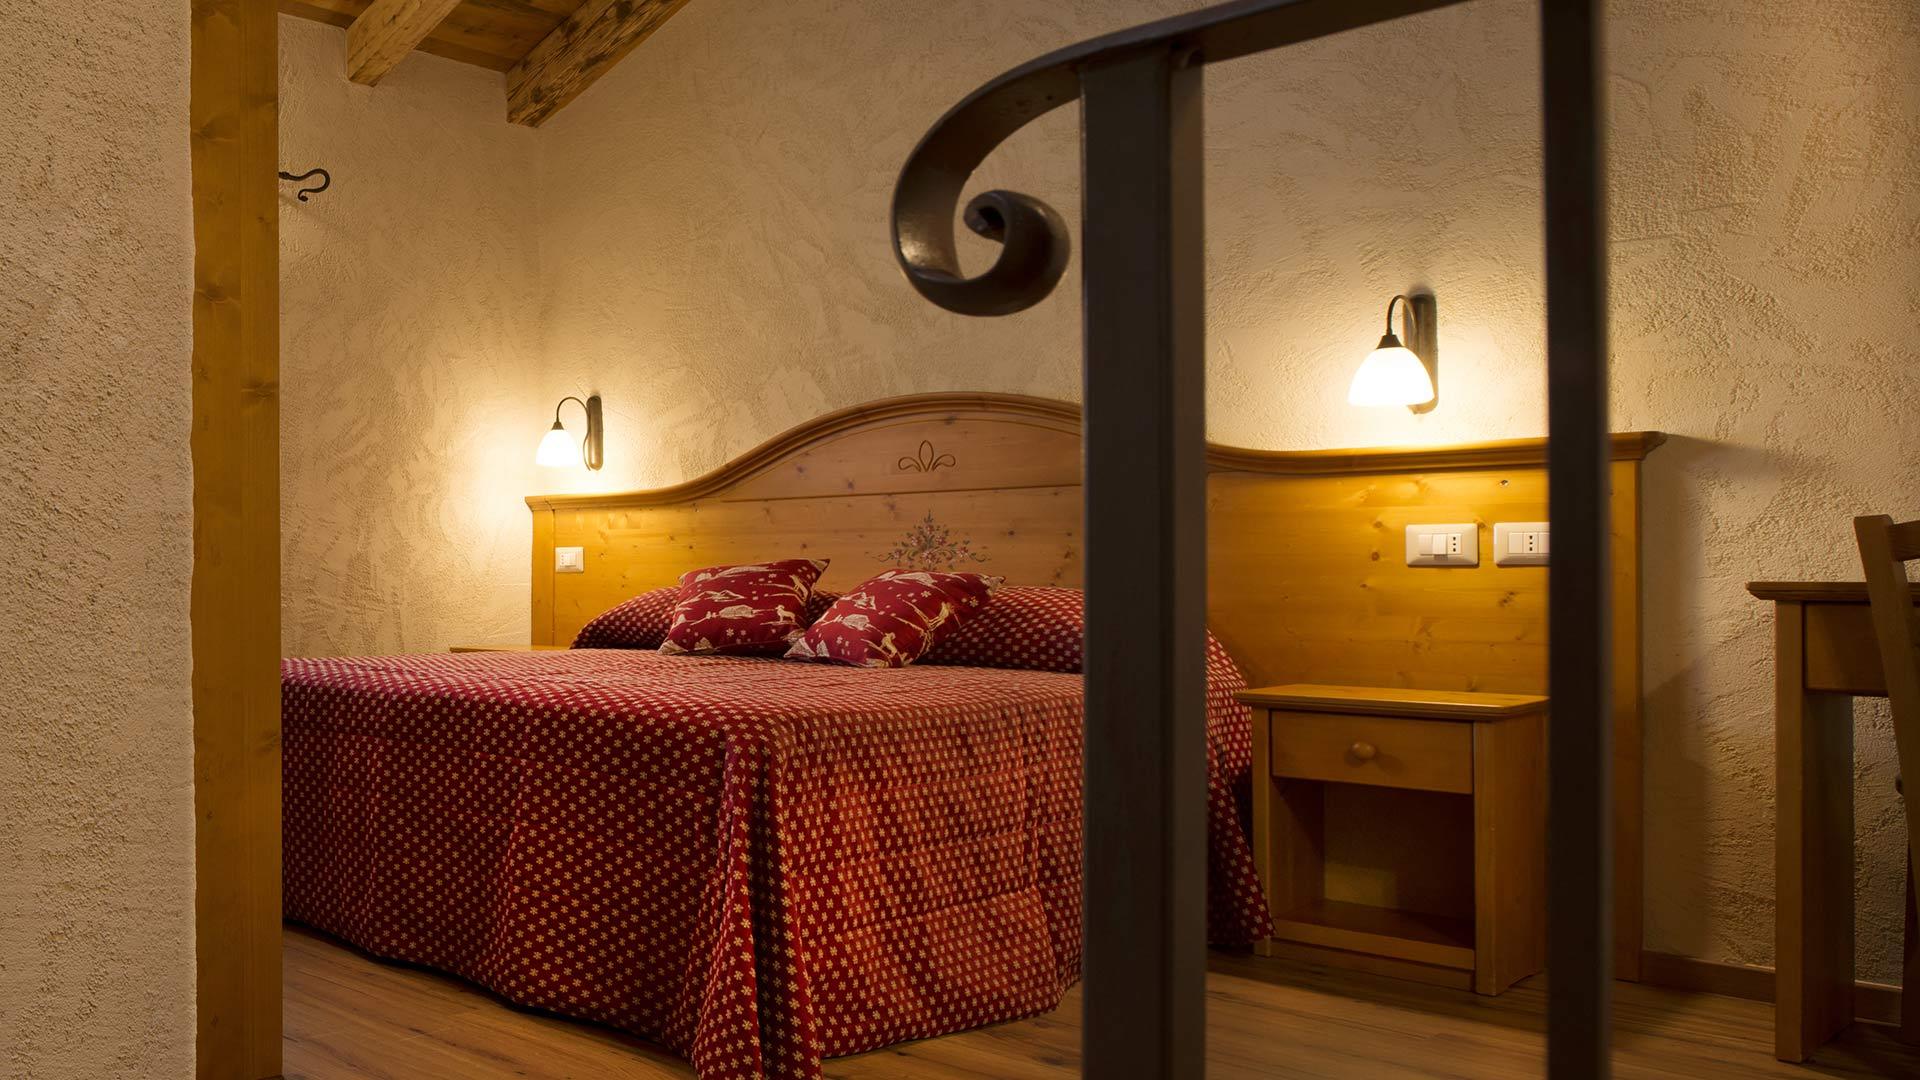 Bilocale in affitto ad Aosta